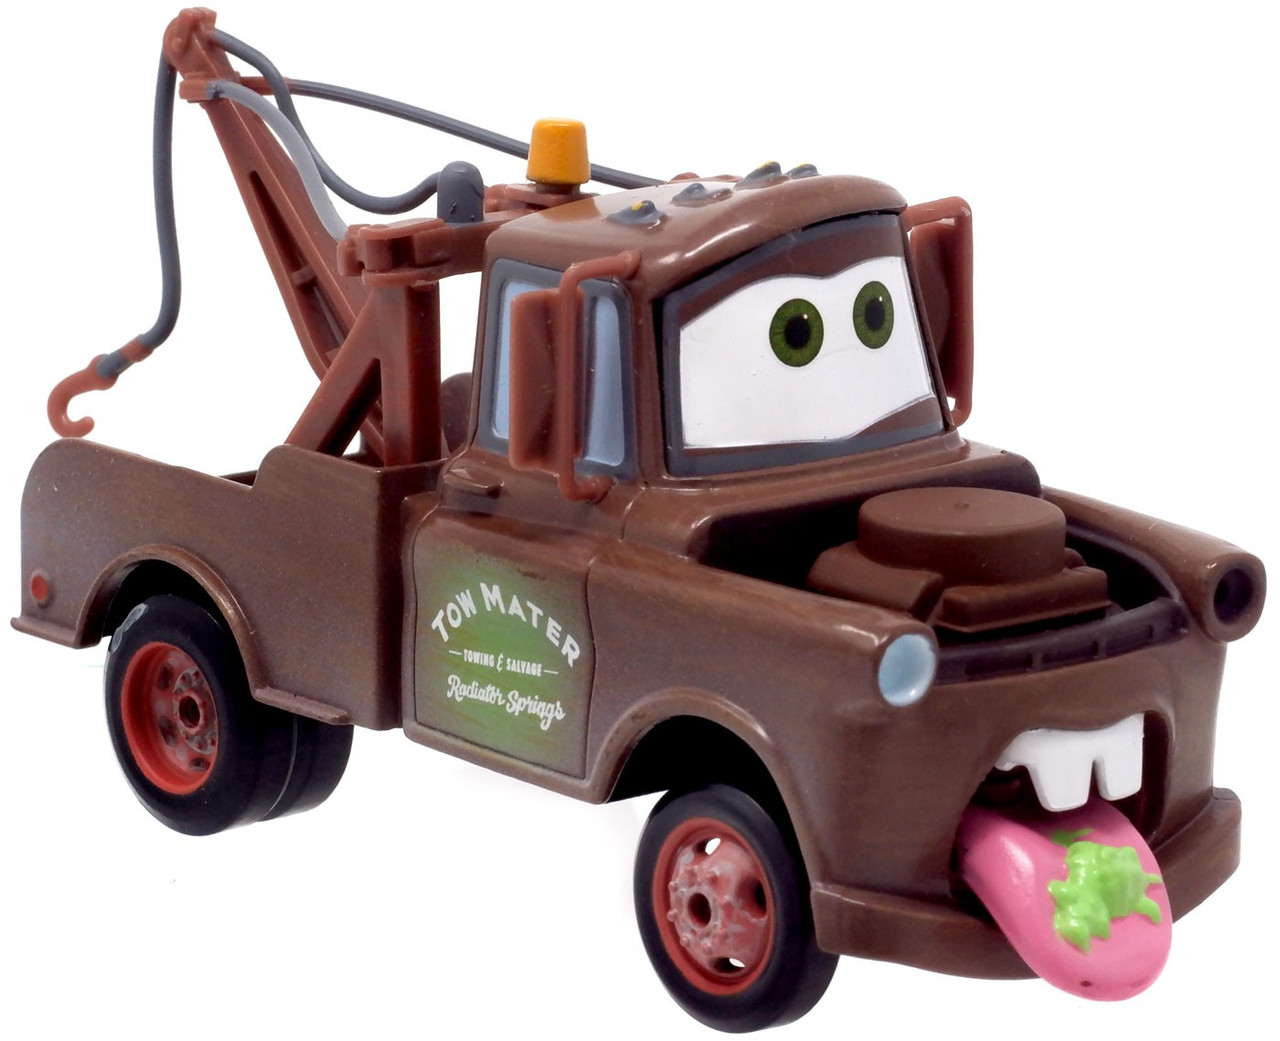 Disney Pixar Cars Cars 2 Wasabi Mater Exclusive 143 Diecast Car